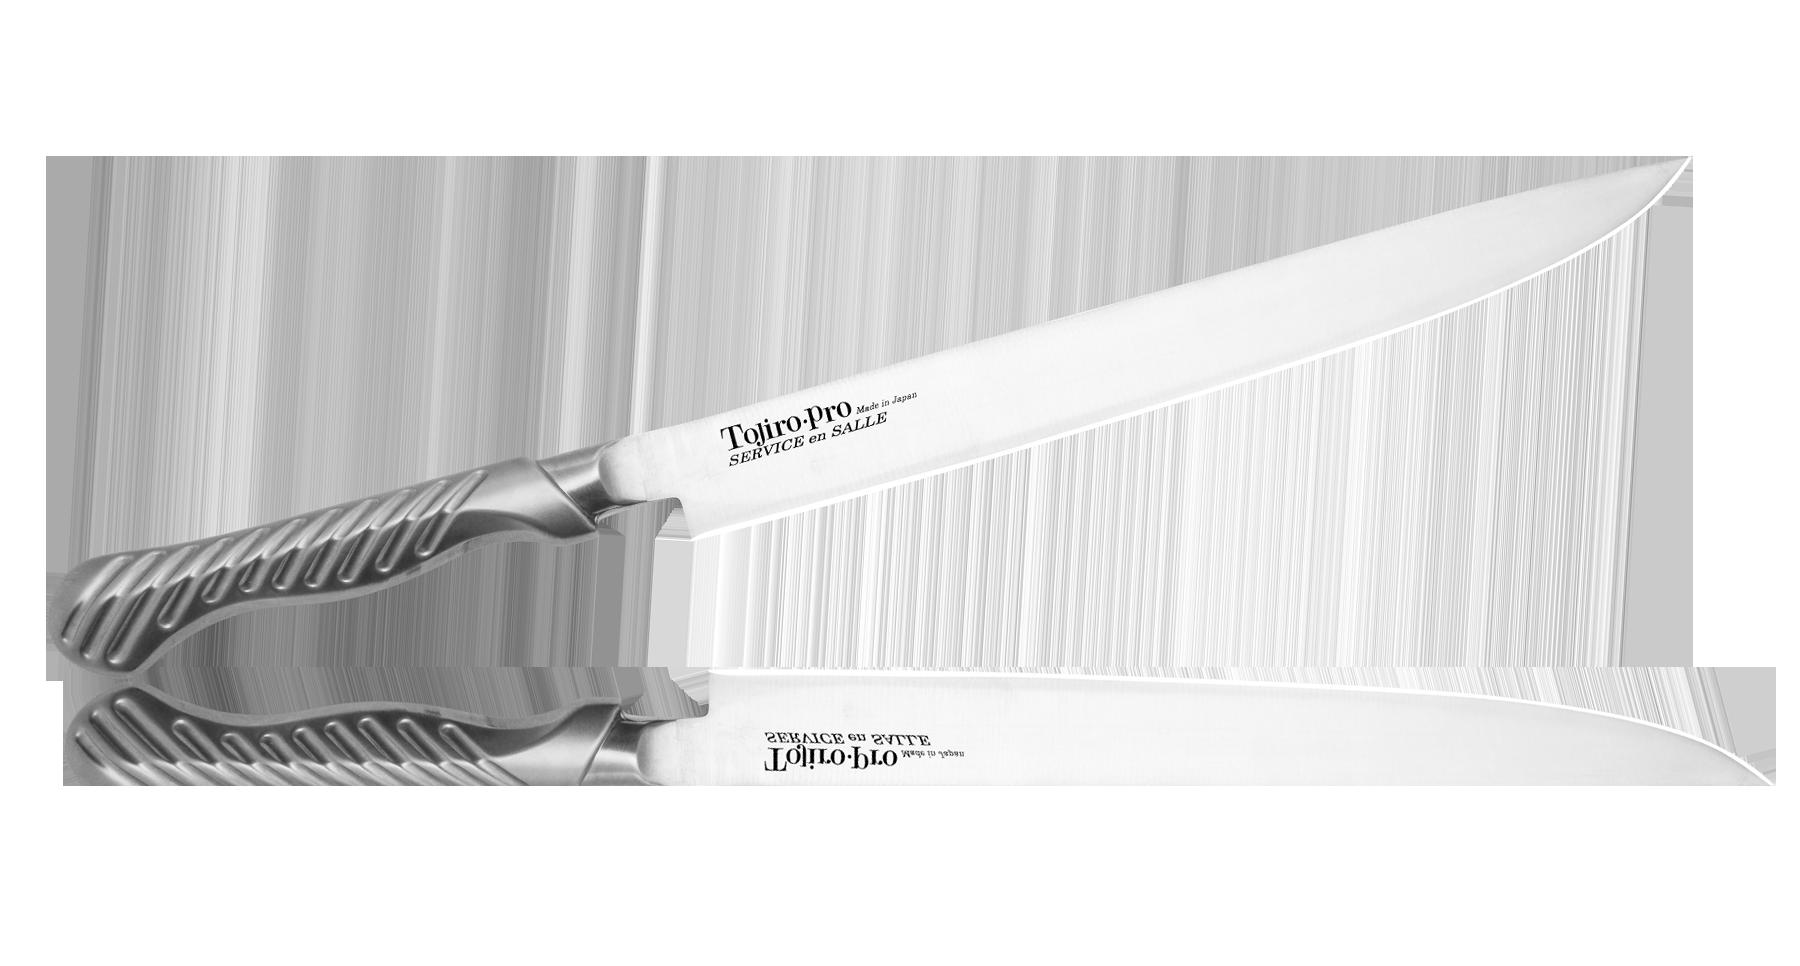 Фото 2 - Нож Универсальный сервисный Service Knife 190 мм, сталь AUS-8, Tojiro